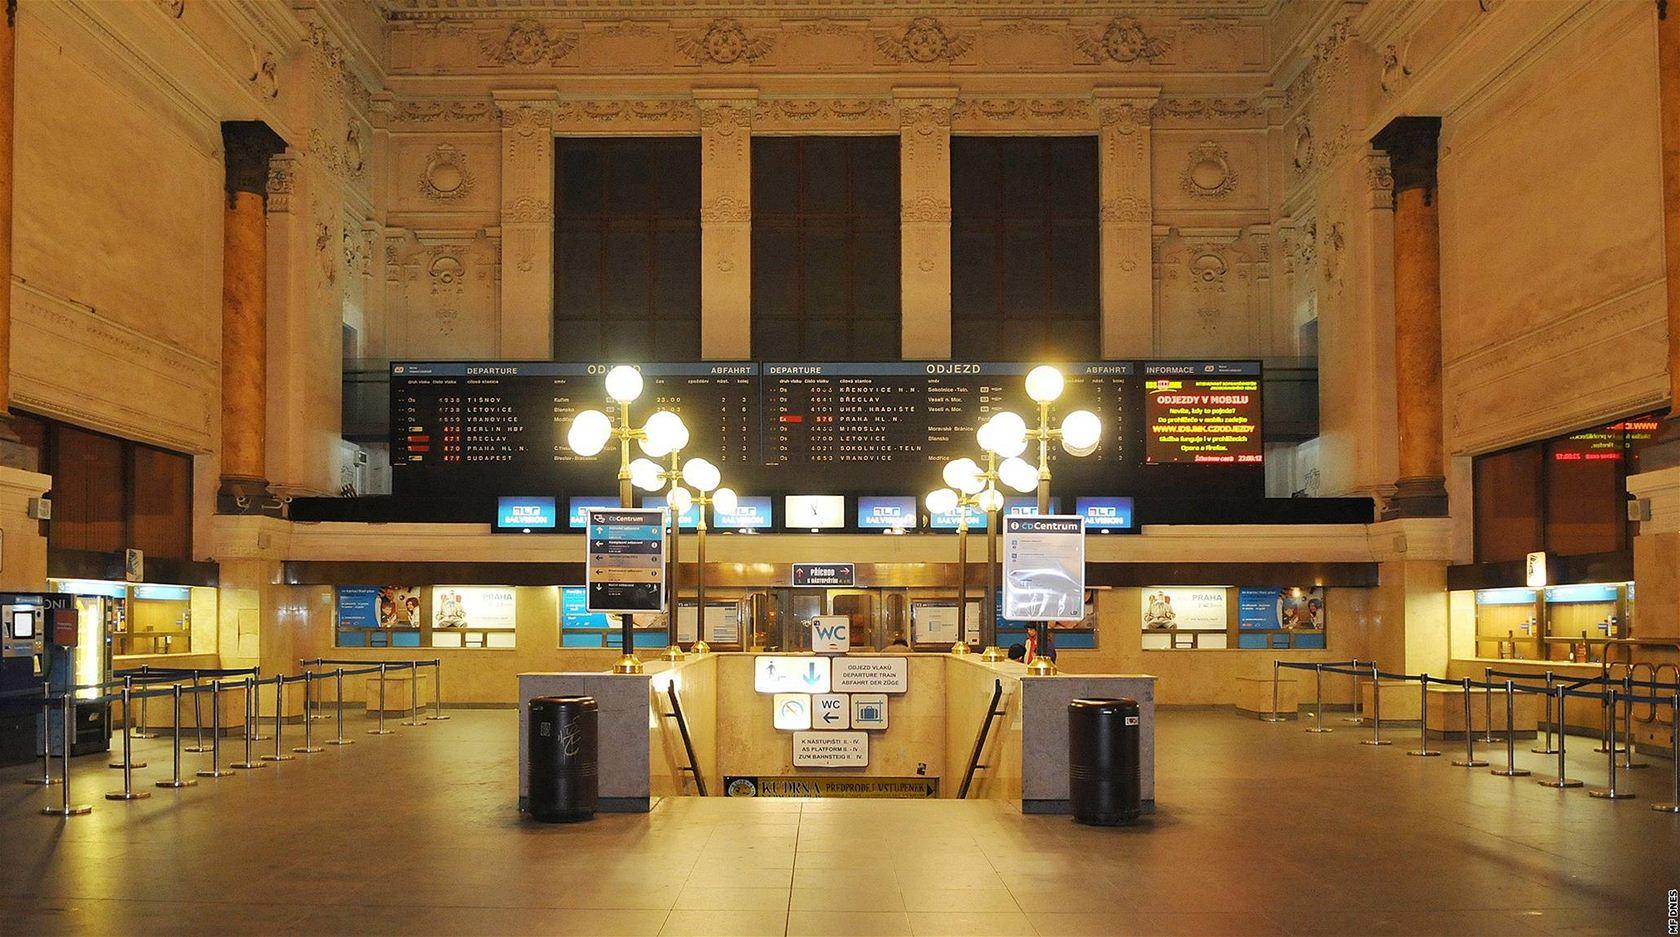 Výsledek obrázku pro hlavní nádraží brno